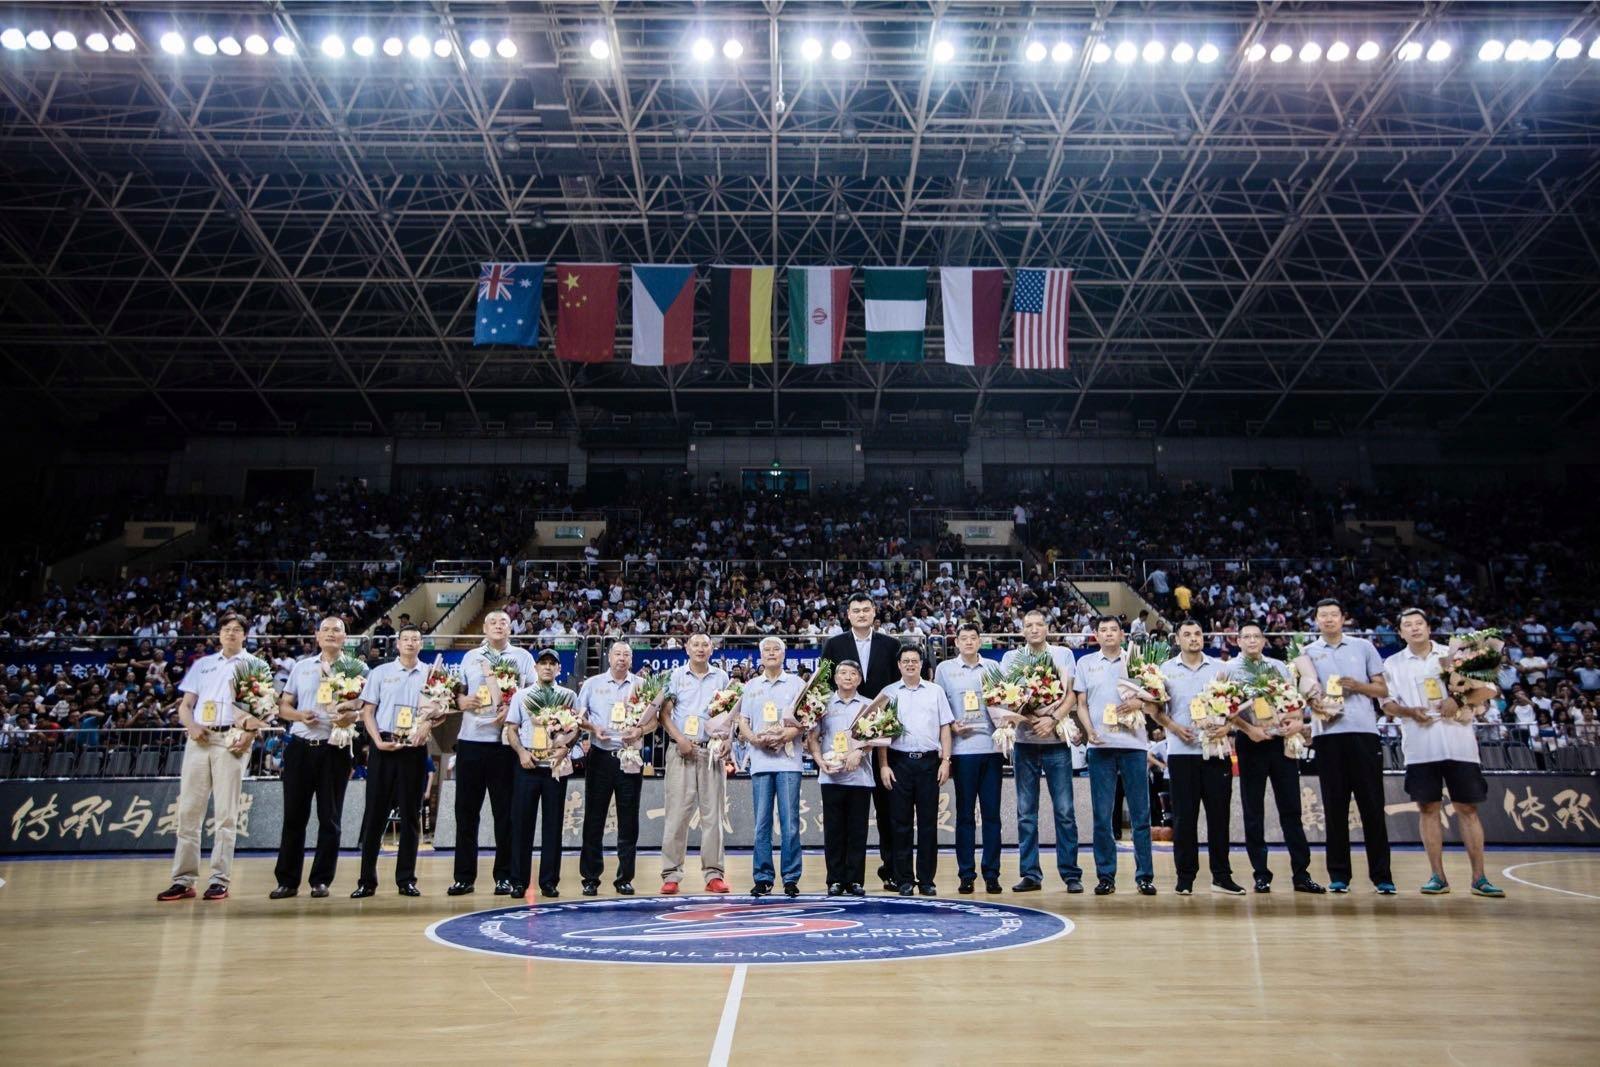 中国男篮1996黄金一代